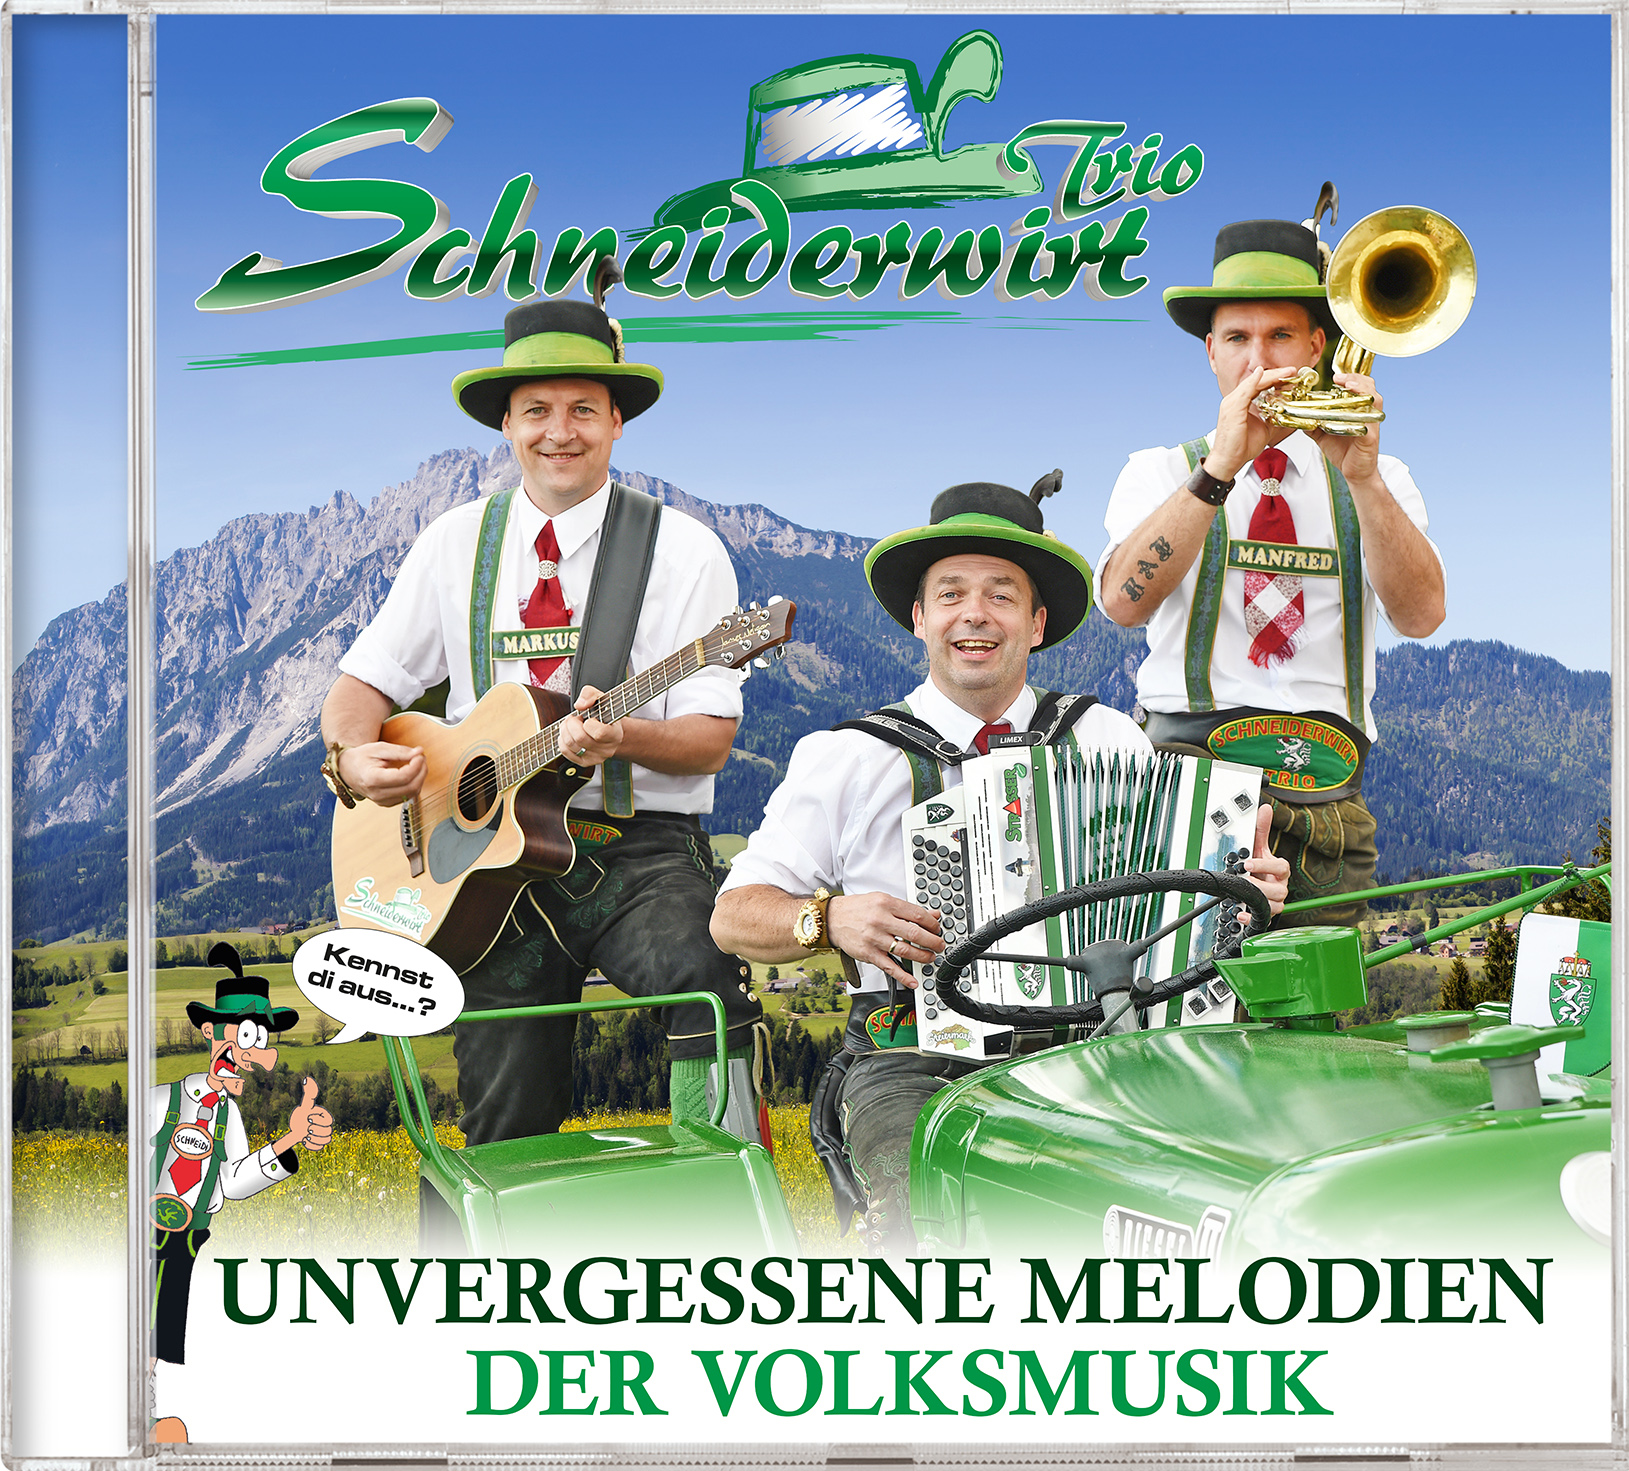 Schneiderwirt Trio - Unvergessene Melodien der Volksmusik V2